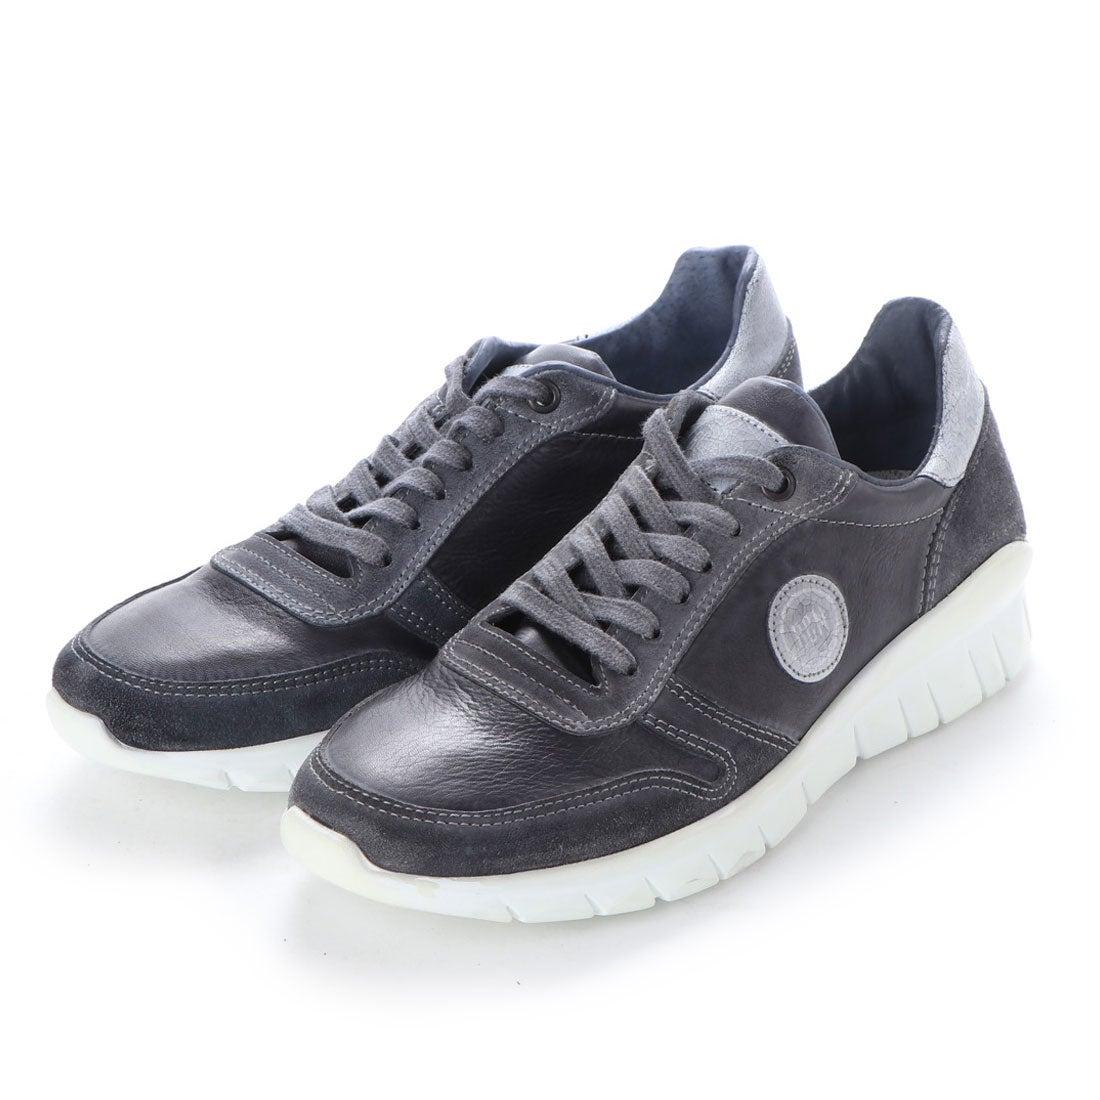 ヨーロッパコンフォートシューズ EU Comfort Shoes BCN スニーカー(C-950-116) (ダークネイビー)